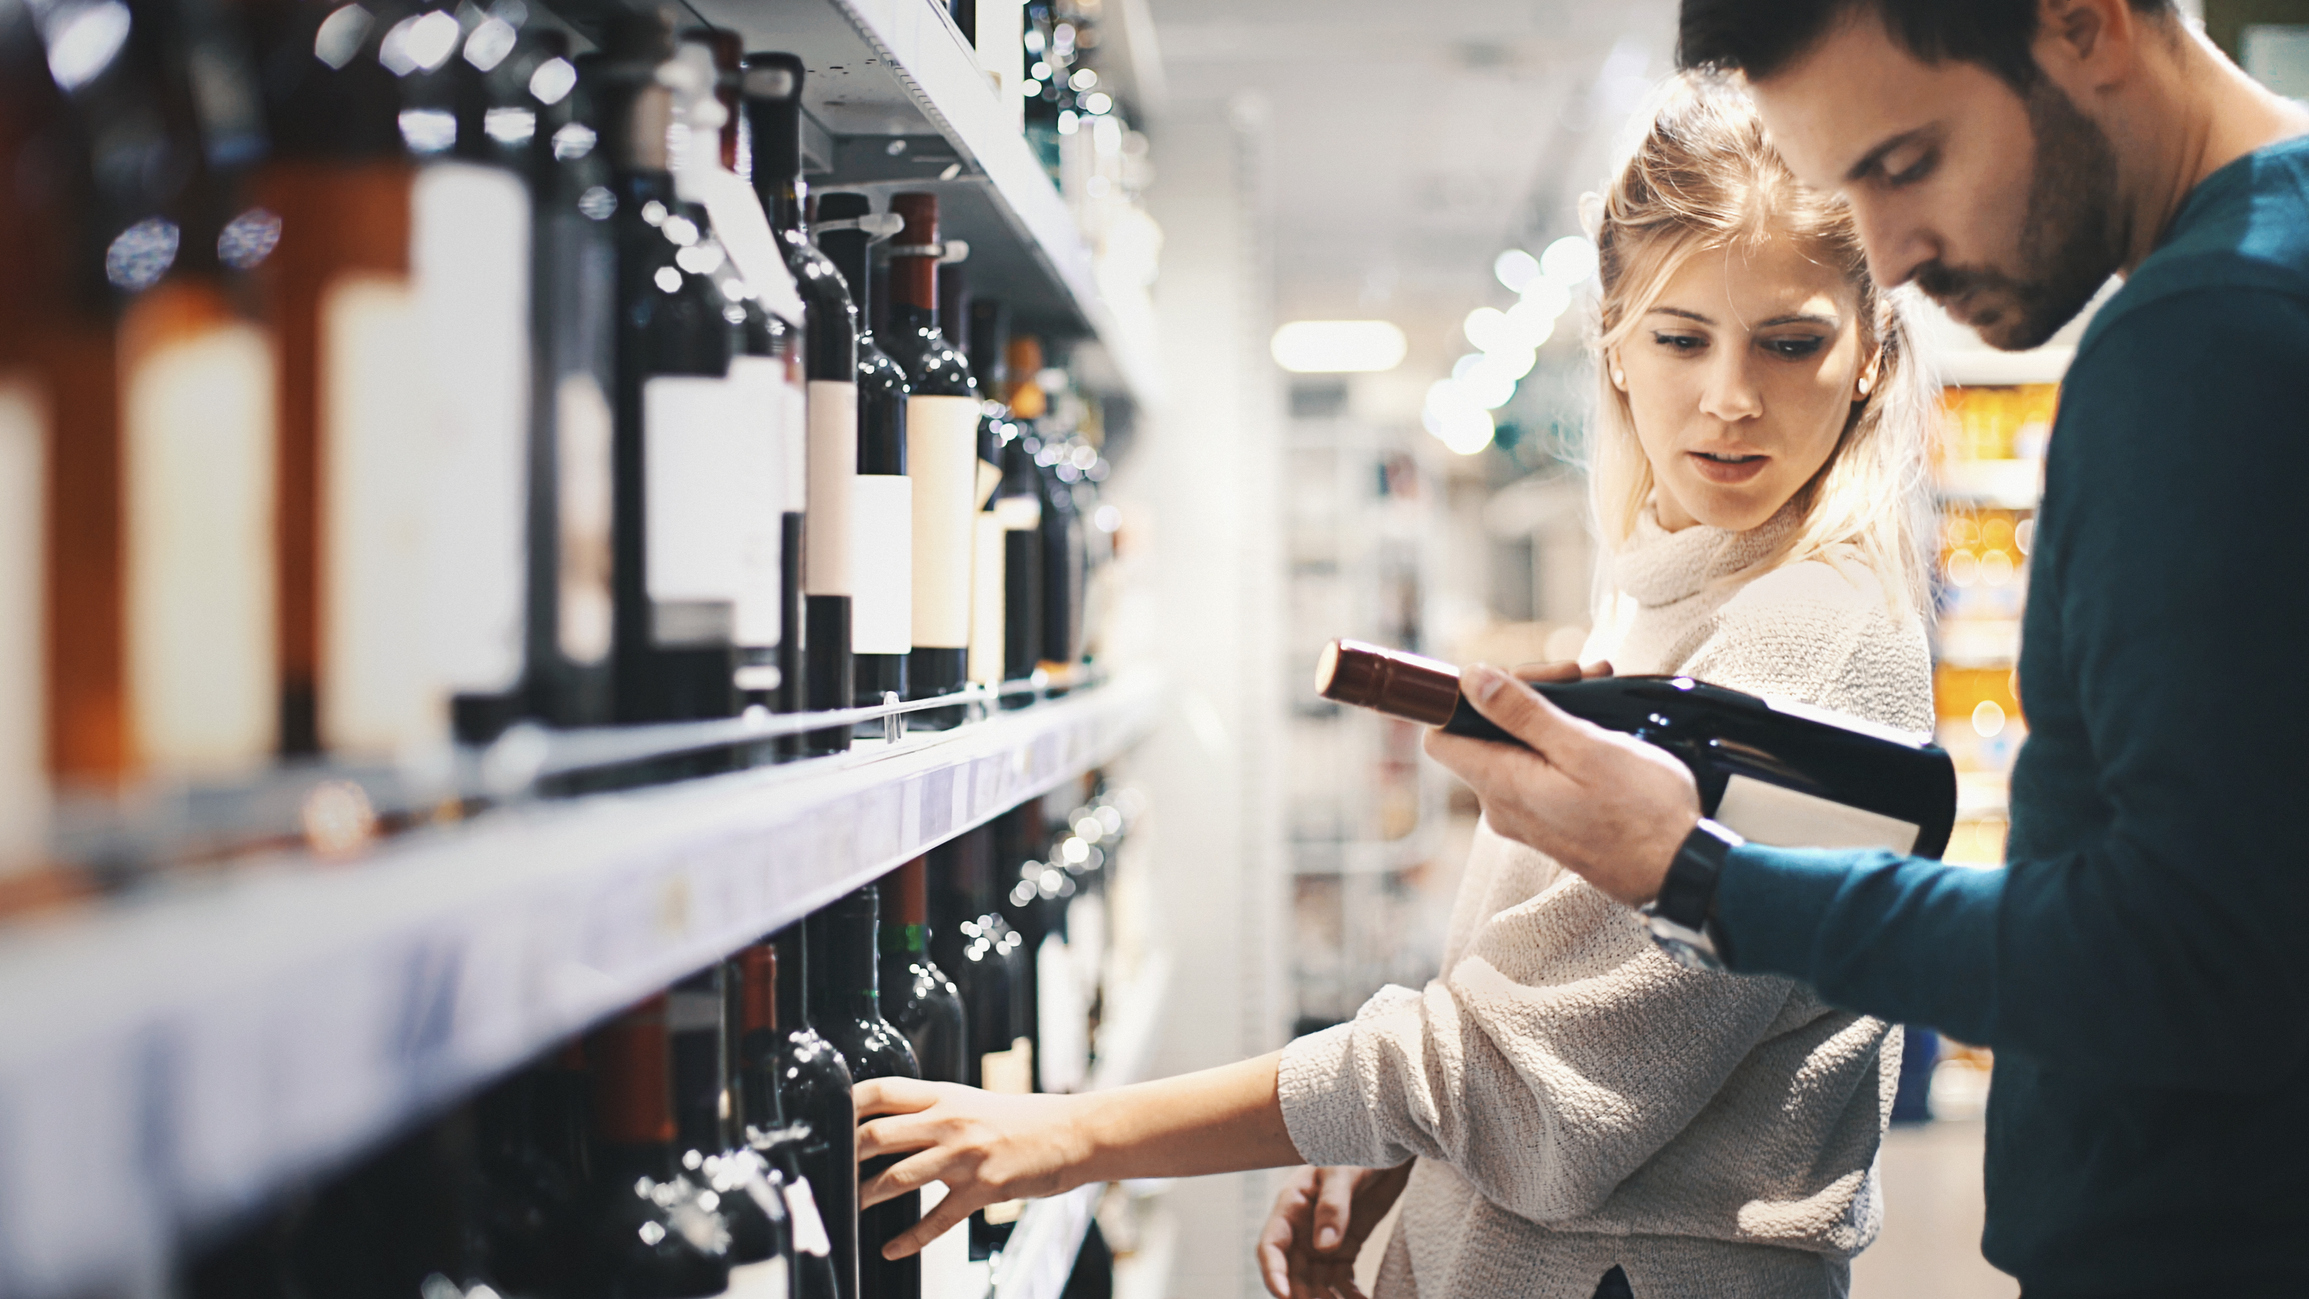 Affärssystem för producenter och leverantörer av vin, sprit, cider och öl